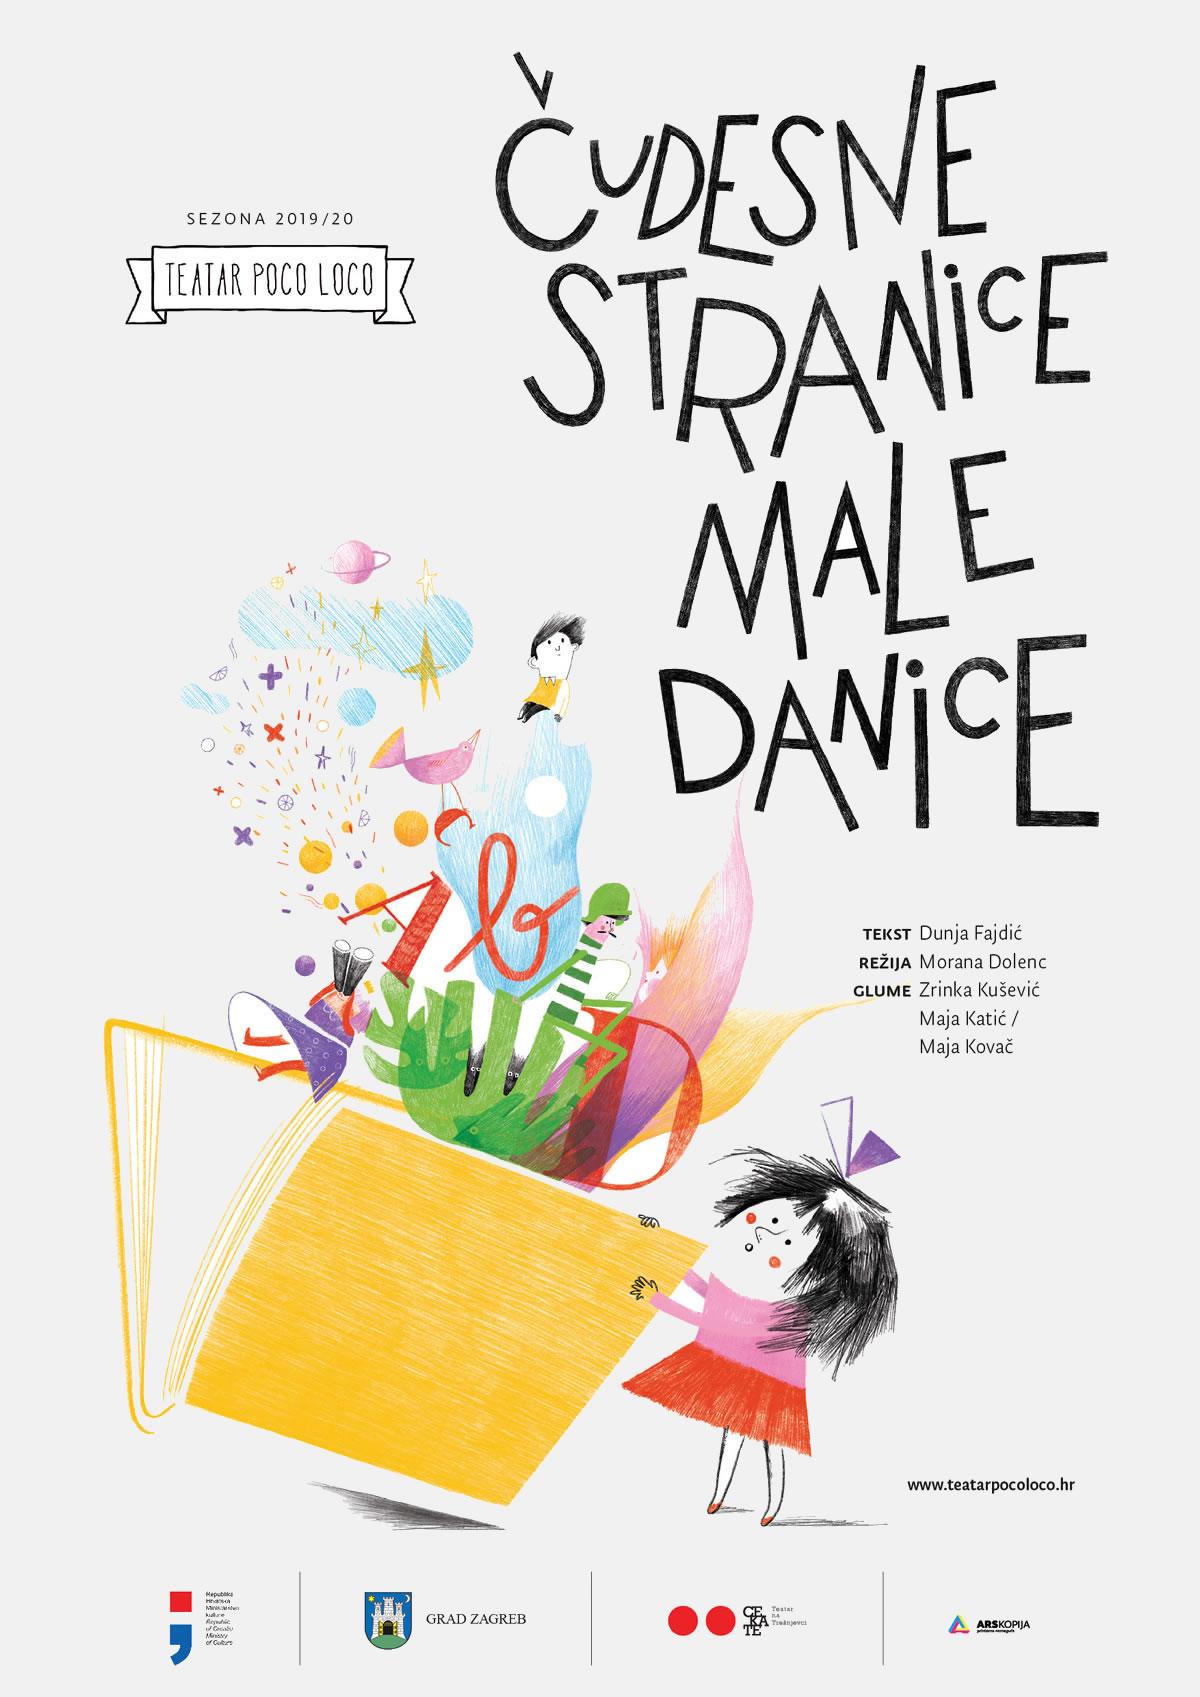 Čudesne stranice male Danice / Teatar Poco Loco